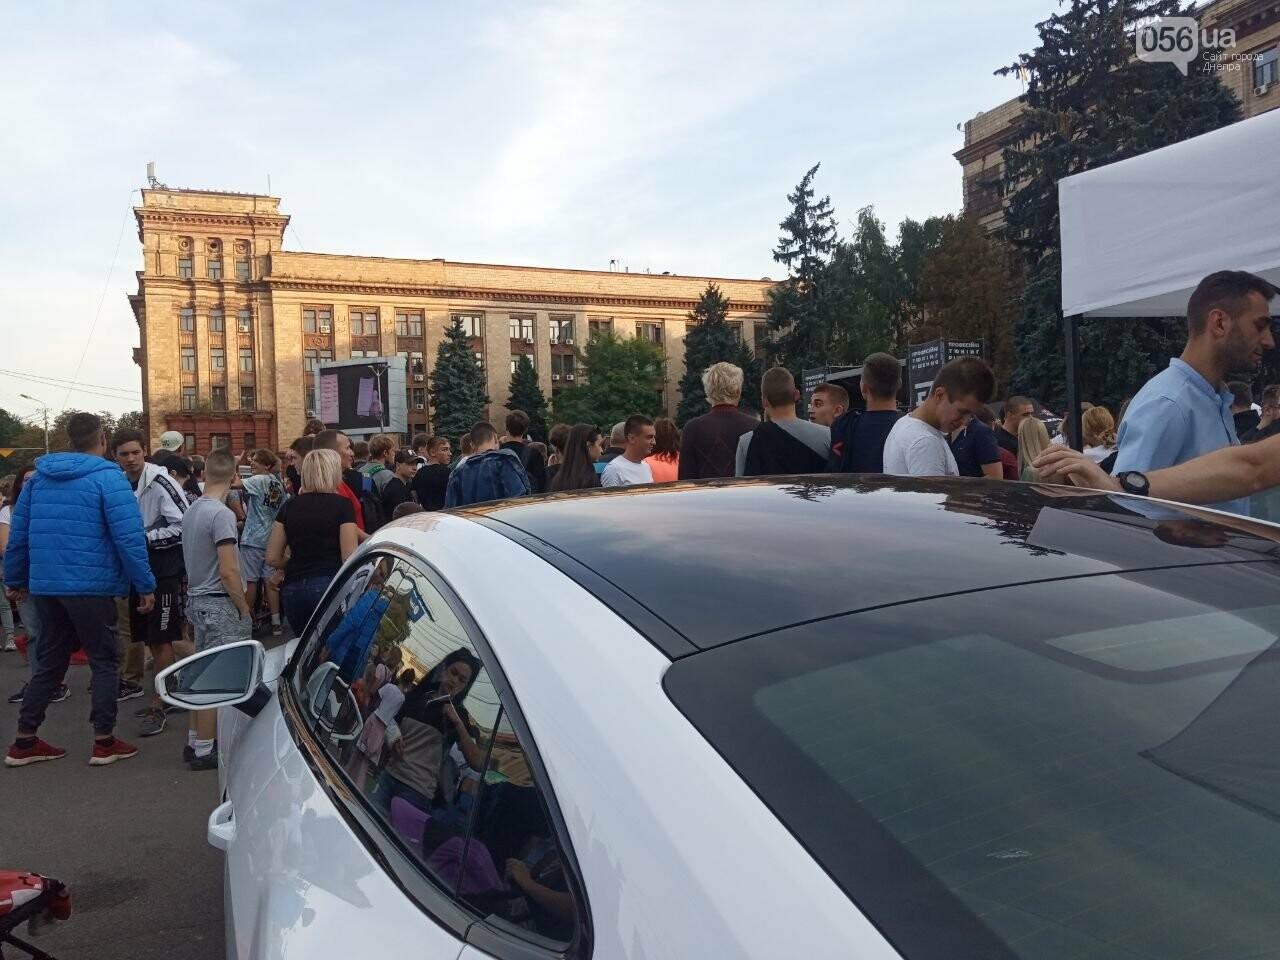 Дрифт в центре Киева спровоцировал скандал, а для Днепра стал шоу с жирными следами, - ФОТО, фото-4